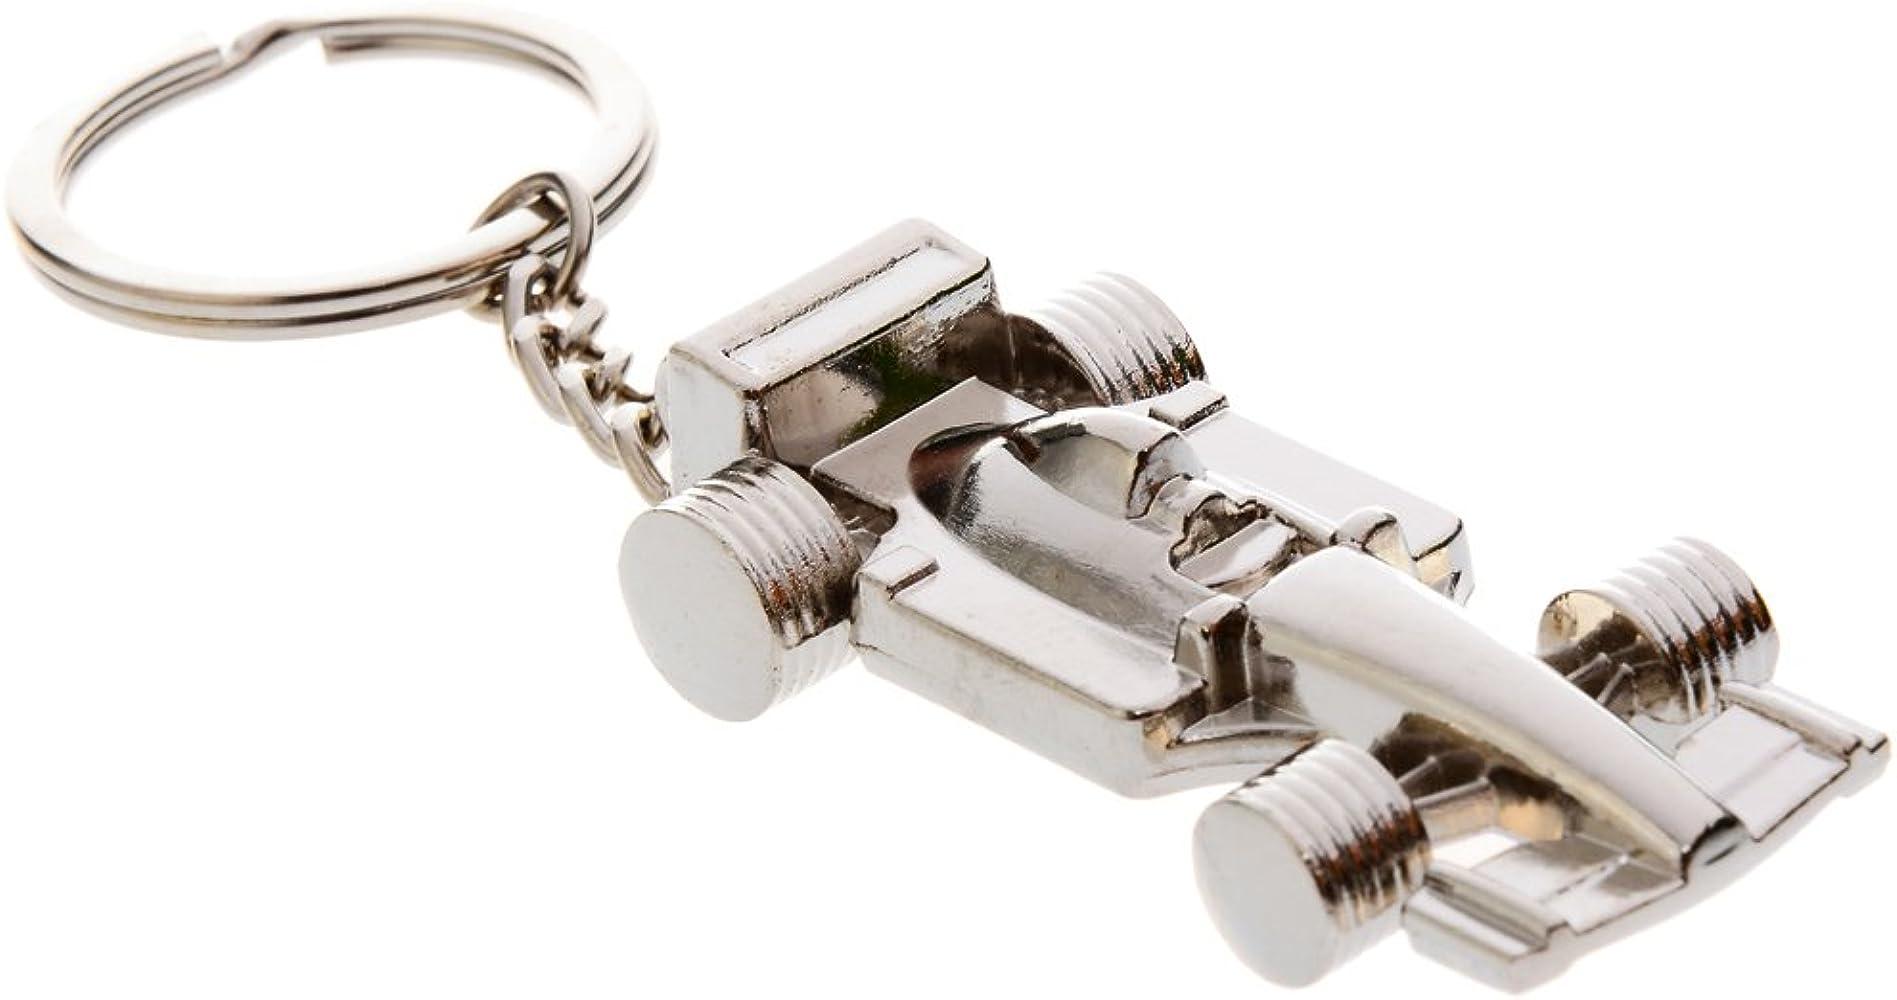 Black University of Tampa NCAA Car Keys ID Badge Holder Lanyard Keychain Detachable Breakaway Snap Buckle